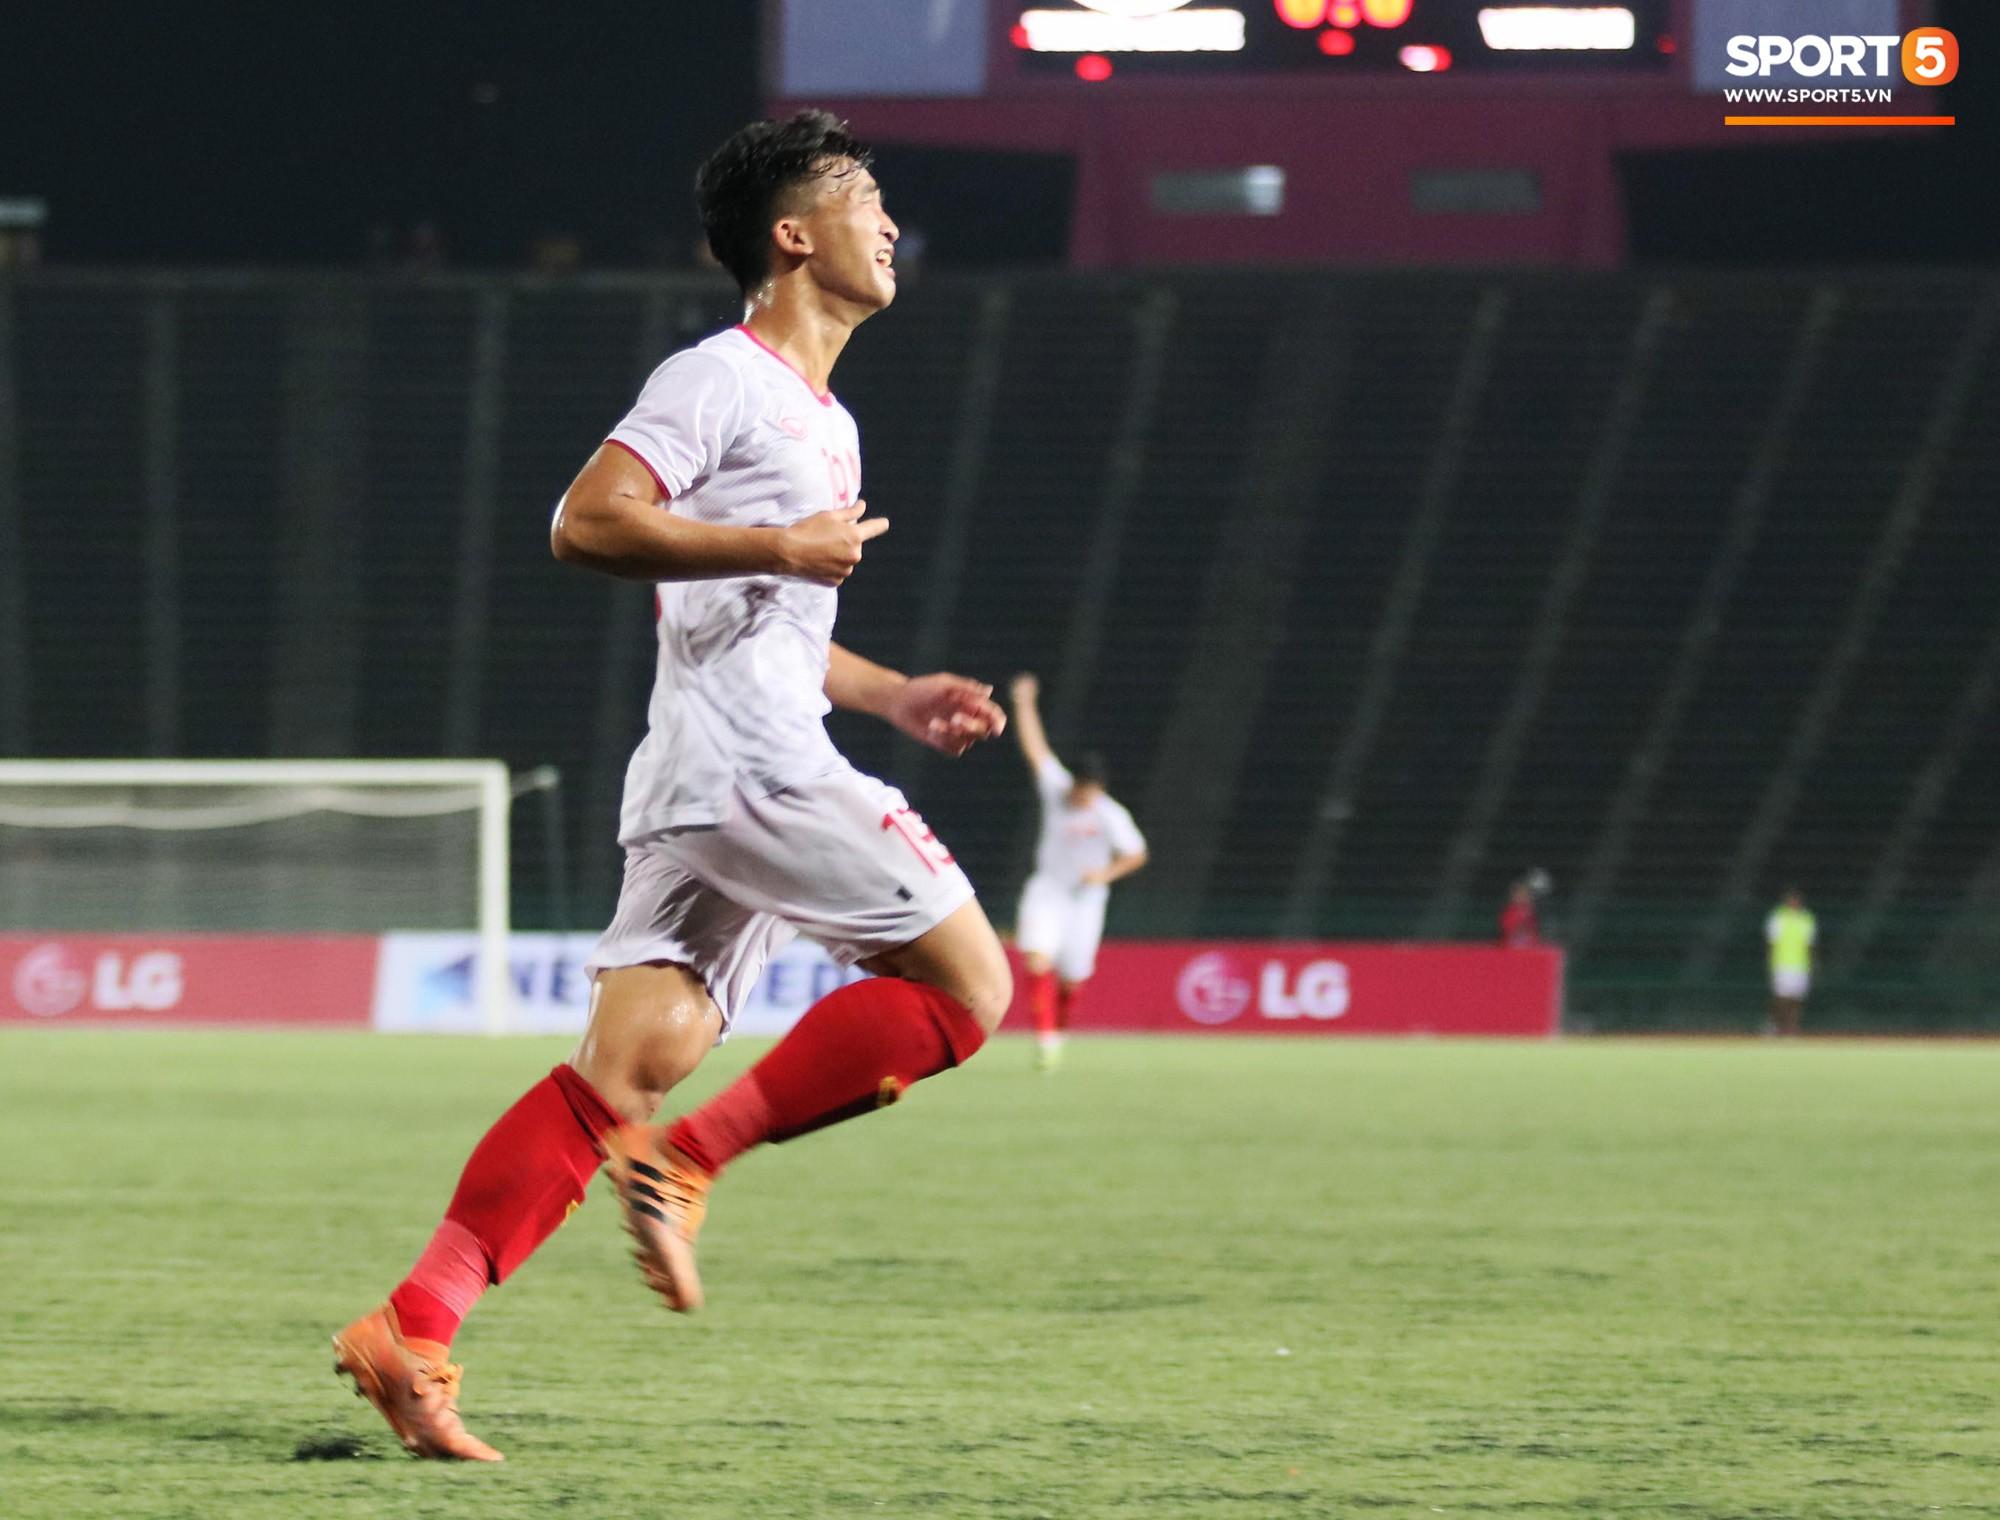 Trần Danh Trung bật khóc nức nở khi ghi bàn thắng may mắn cho U22 Việt Nam - Ảnh 2.